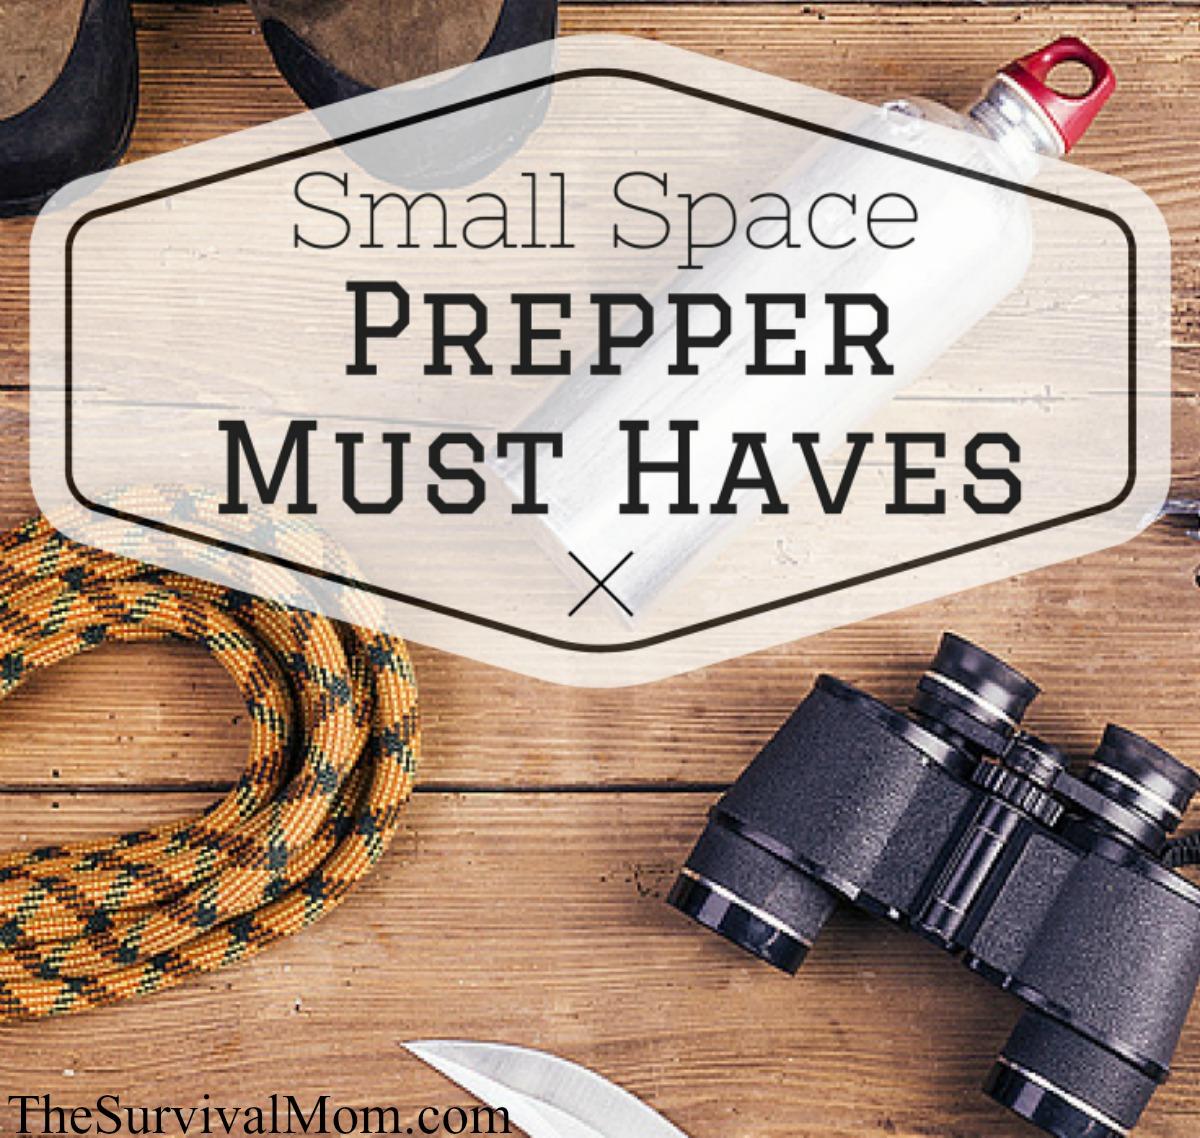 Small Space prepper